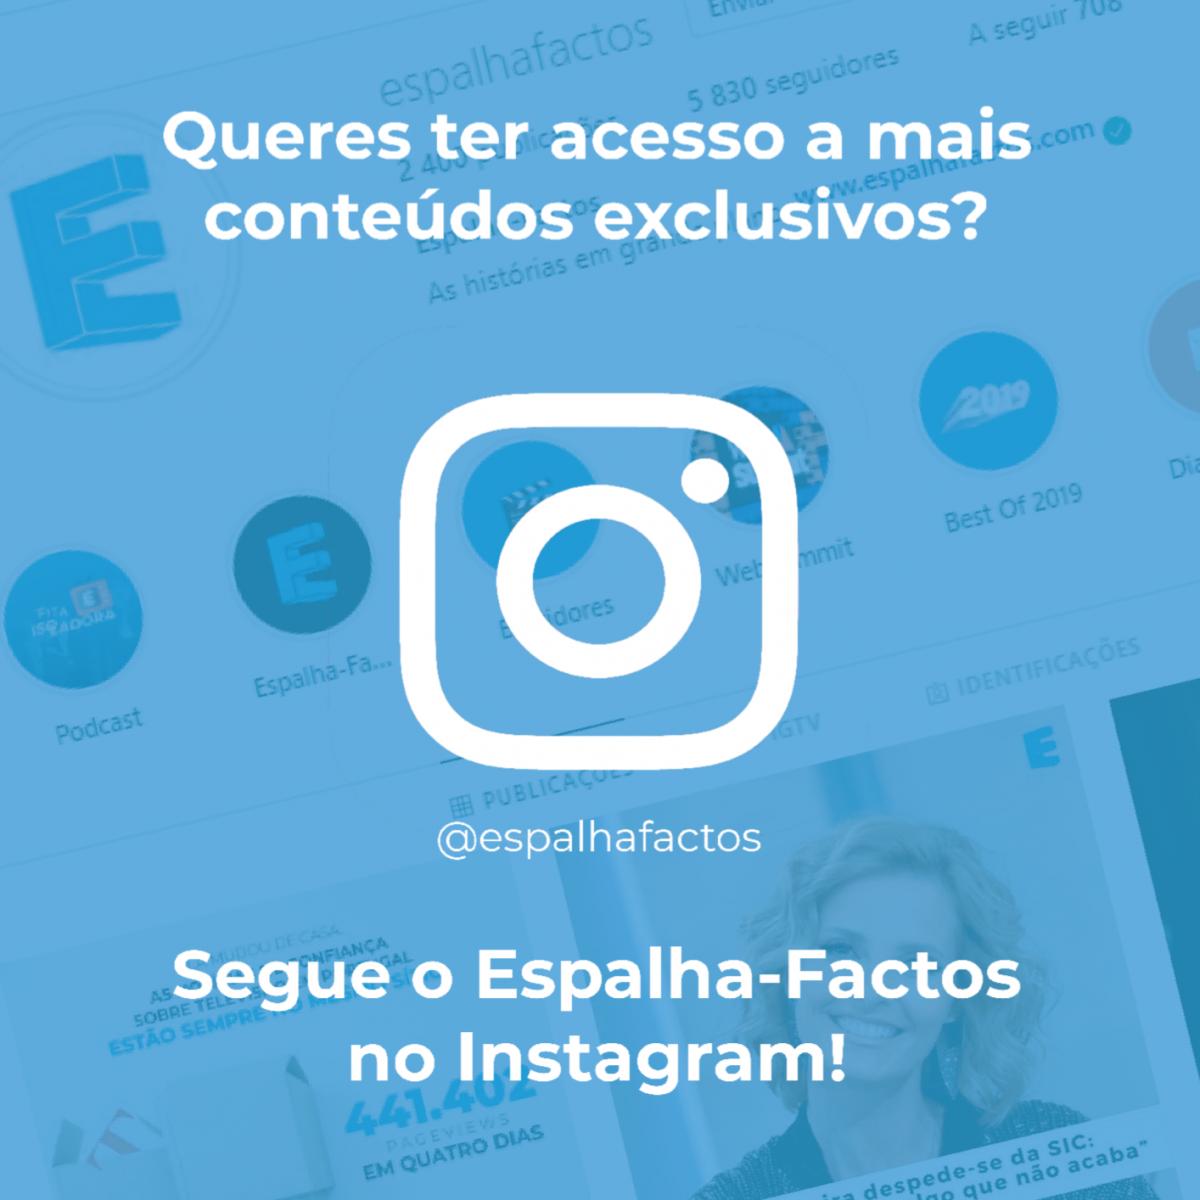 Queres ter acesso a mais conteúdos exclusivos? Segue o Espalha-Factos no Instagram em @espalhafactos